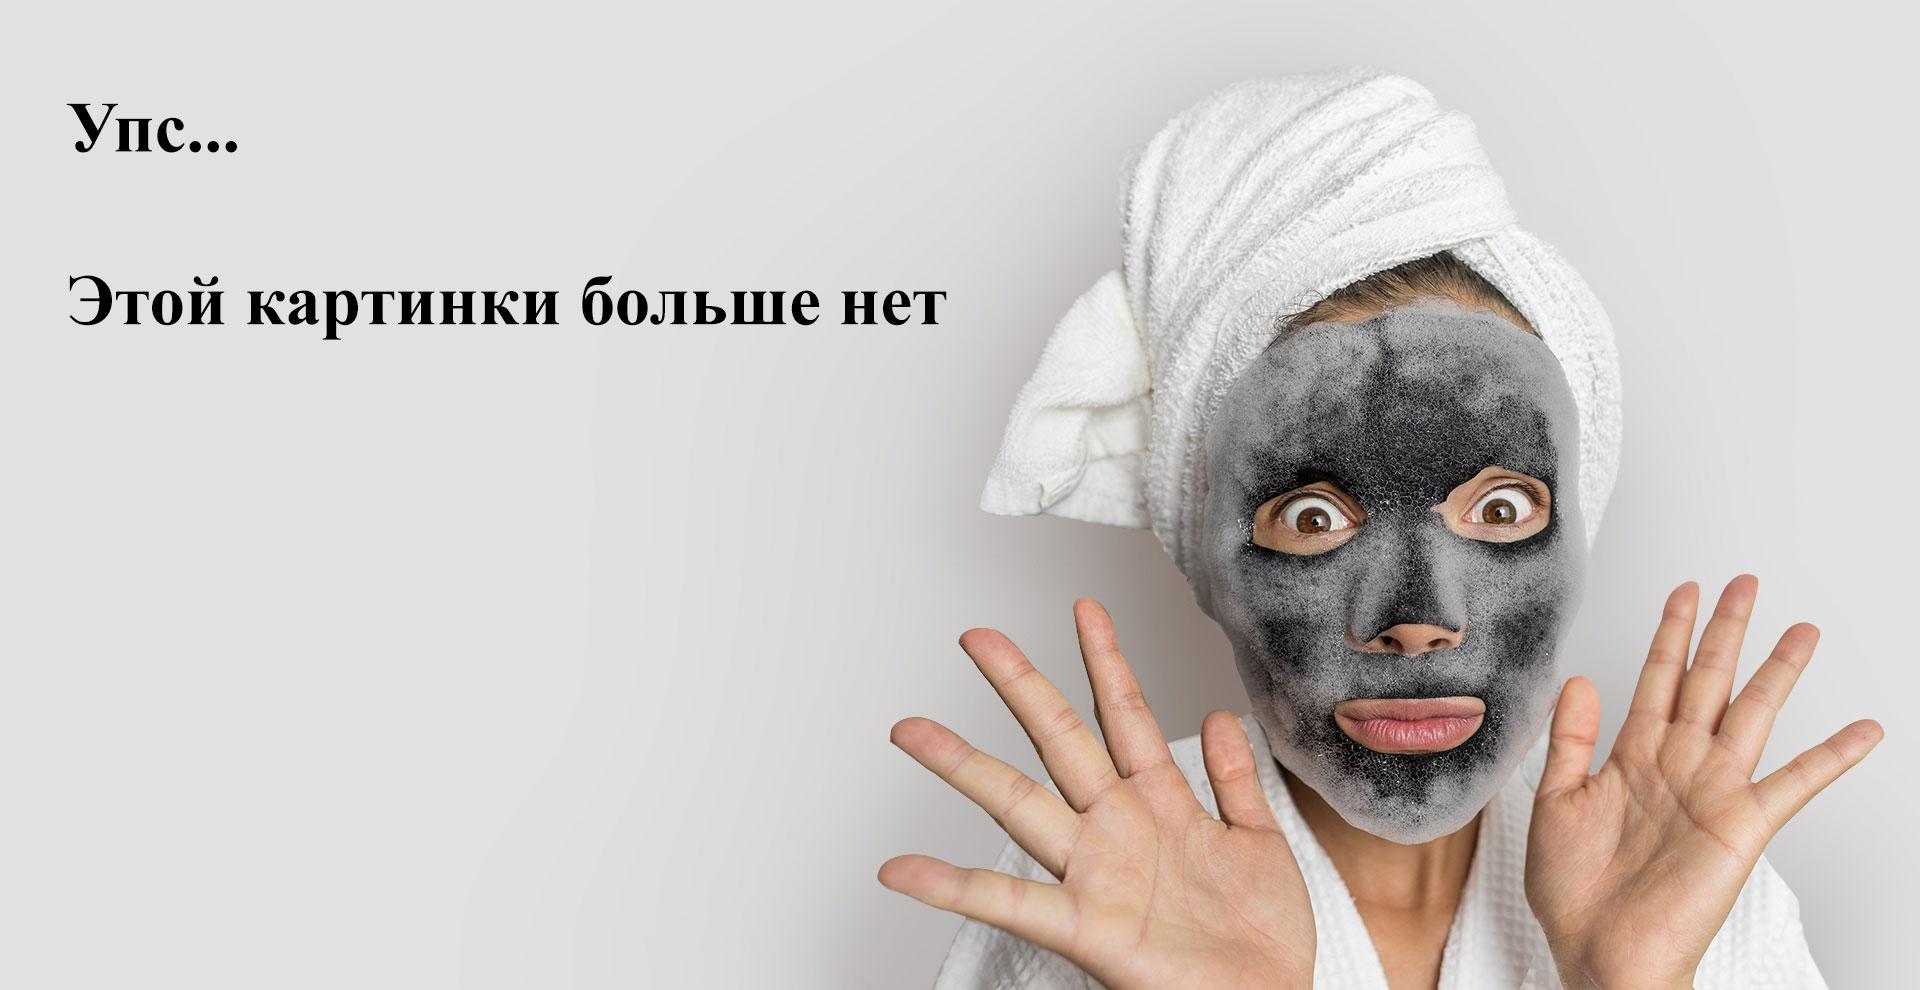 Vogue Nails, Гель-лак Венские каникулы